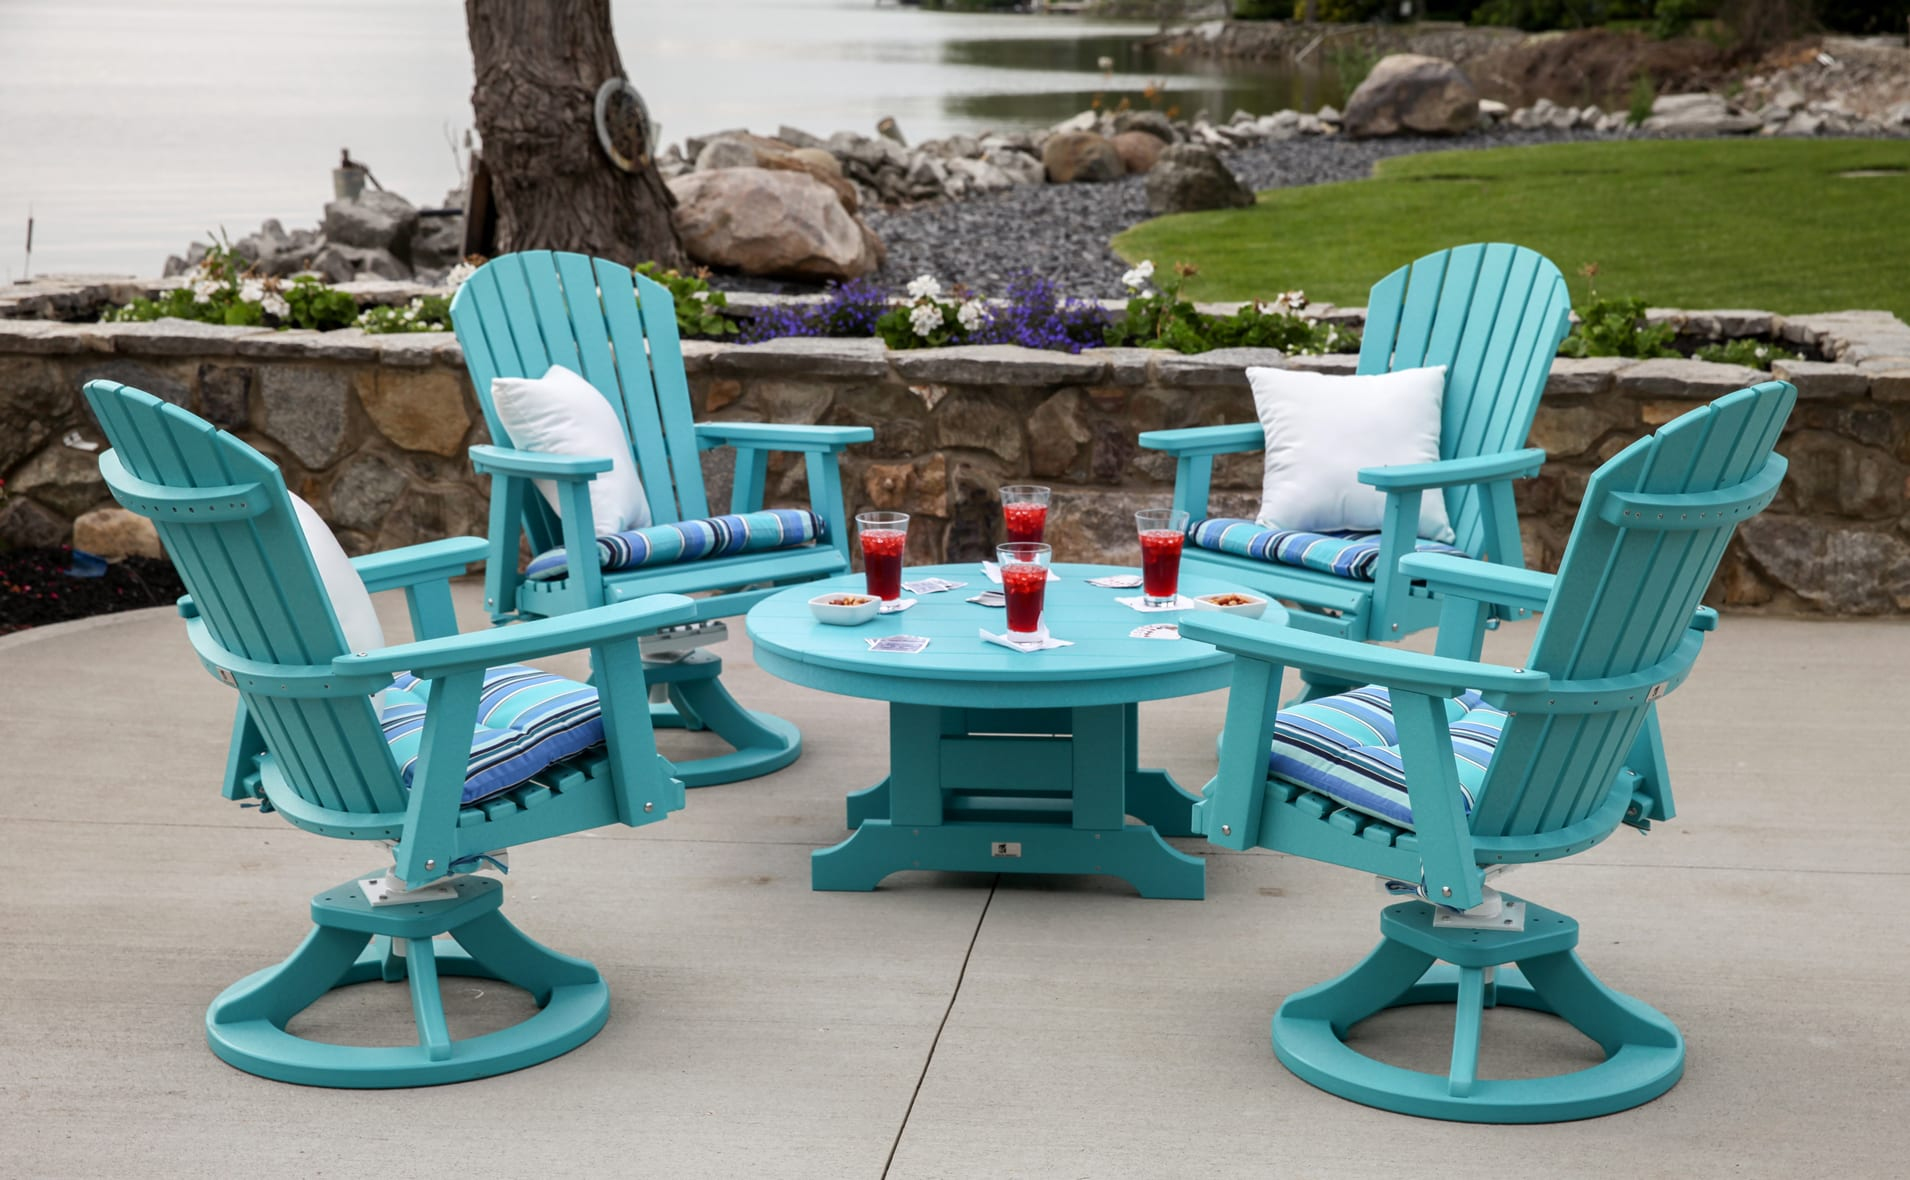 terrasse gestalten mit DIY gartenmöbel in blau